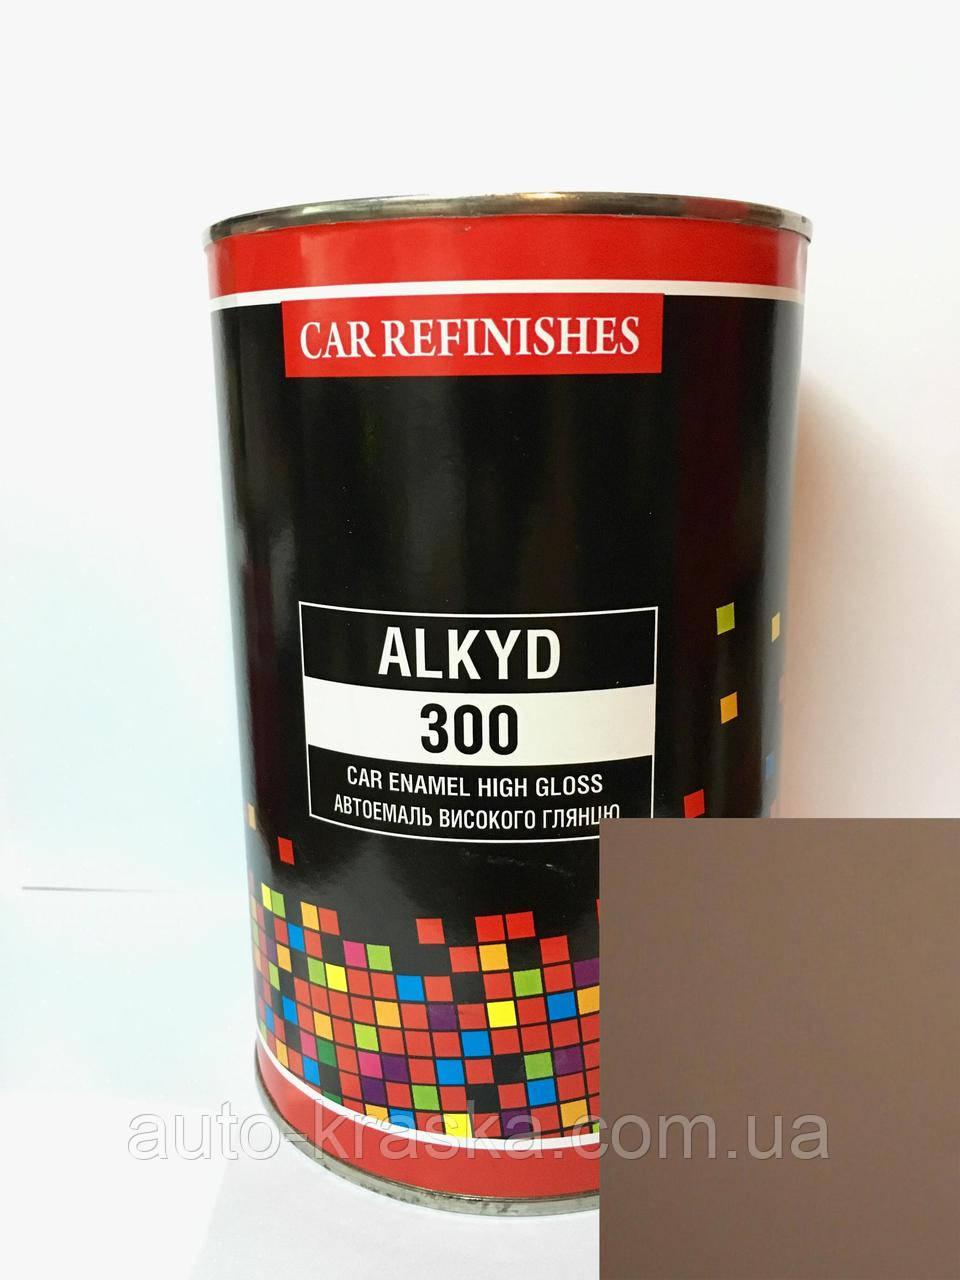 Автоэмаль алкидная 1л  Темно-бежевая 509 CS System Алкид - 300